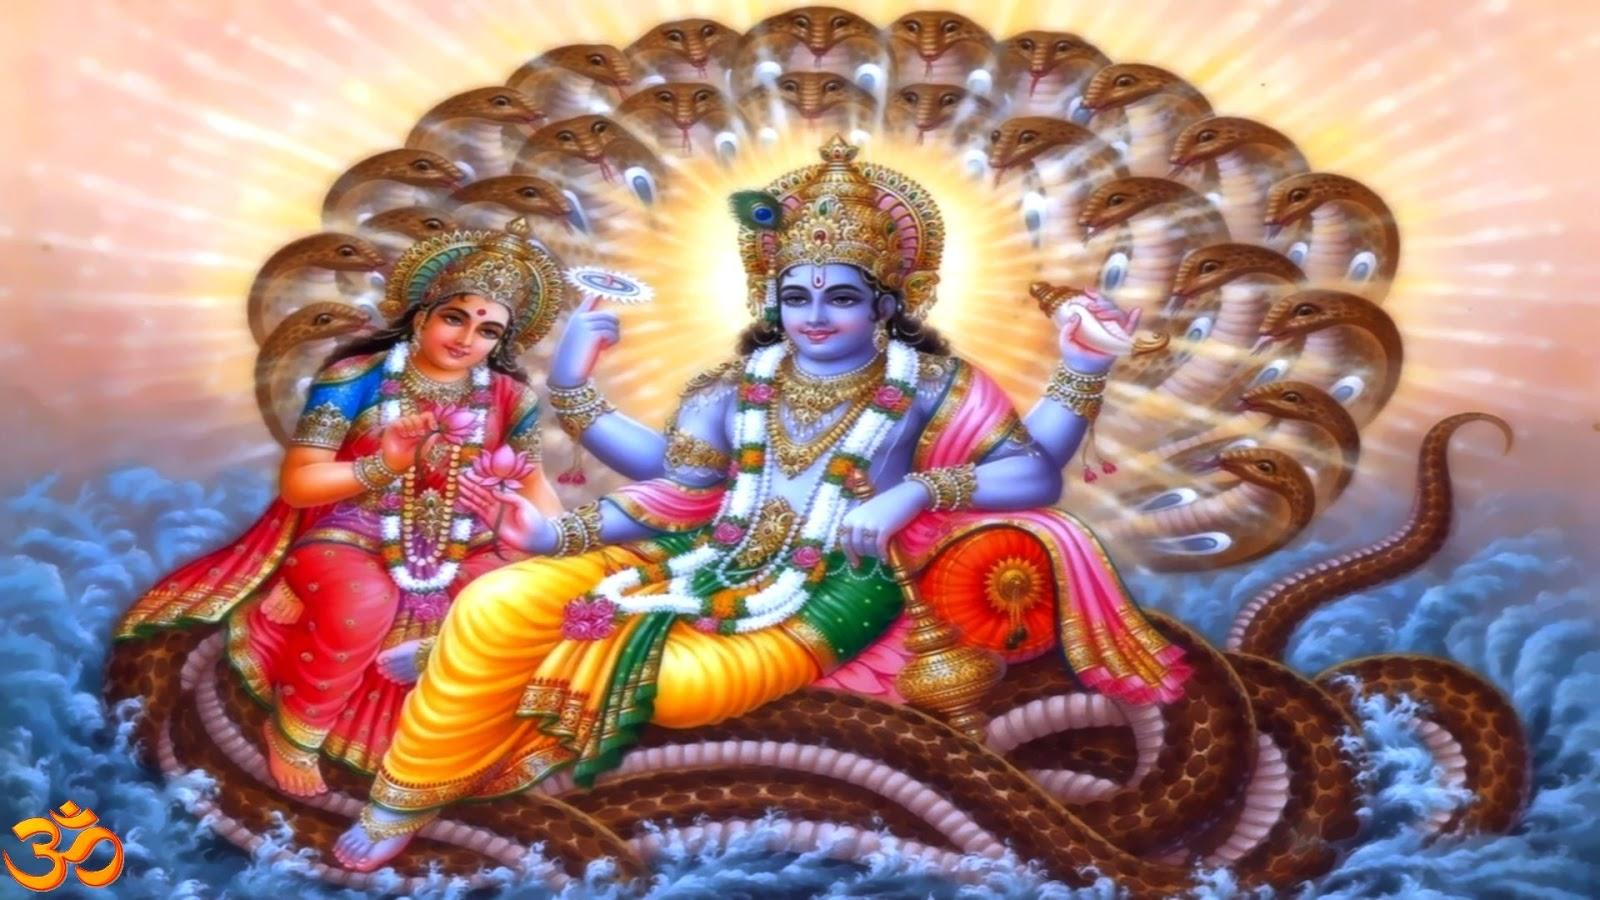 Cute Baby Ganesha Wallpapers Jay Swaminarayan Wallpapers Lord Vishnu